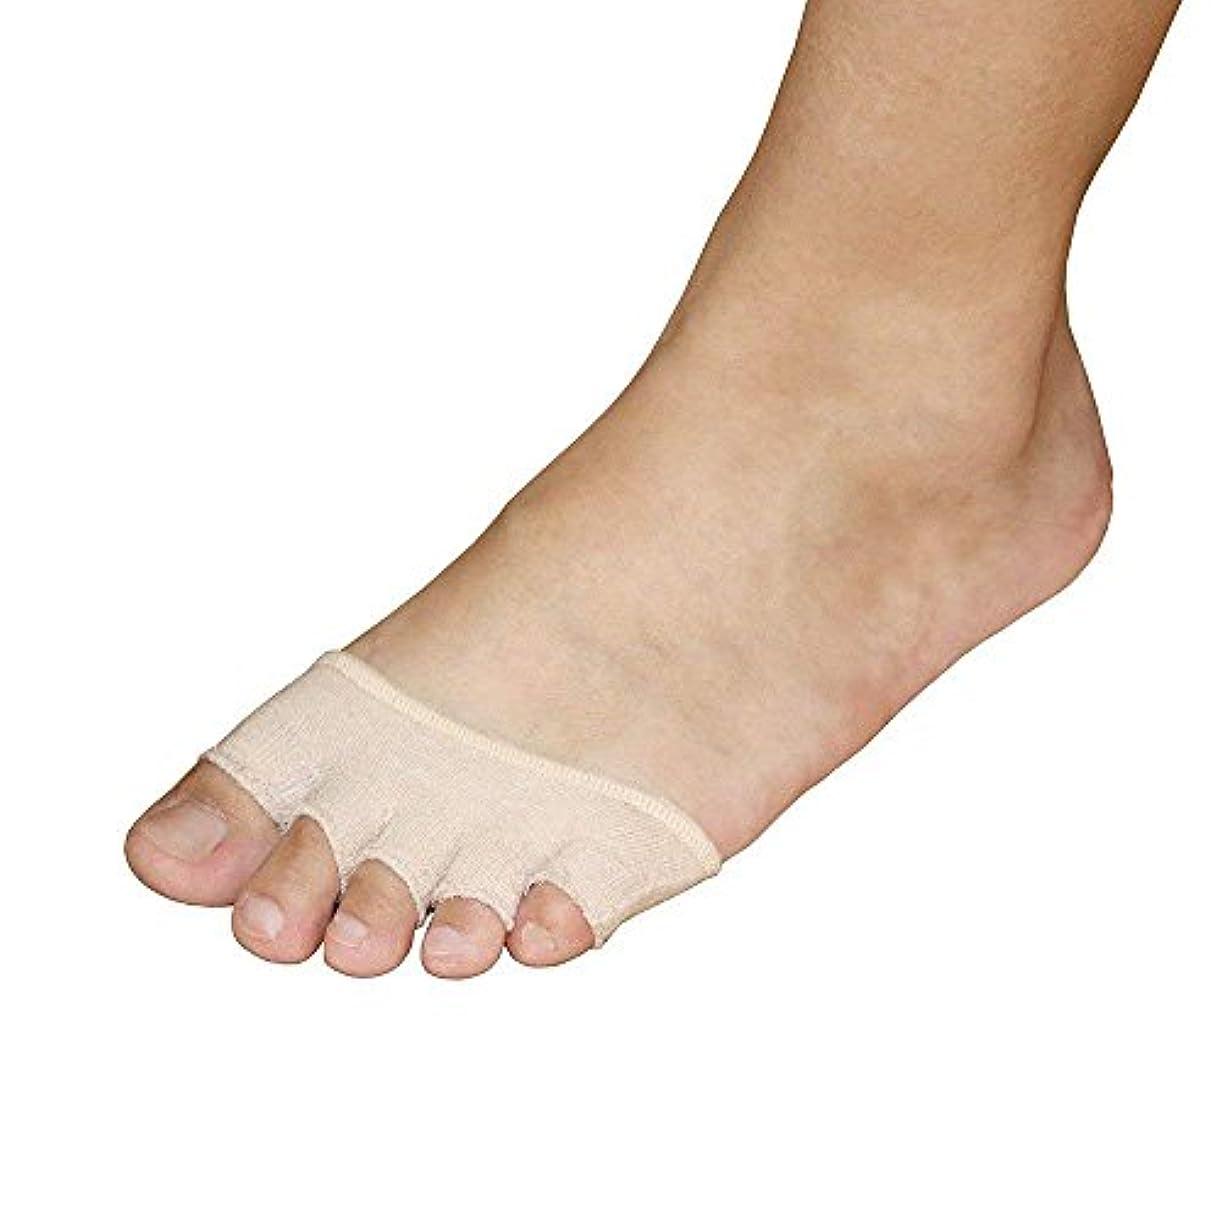 オーストラリア人テレマコス依存2組のつま先靴下用女性表示なし、つま先スリーブ付きリリーフ痛みブリスター付きブーツクッションハイヒールスニーカーサンダル